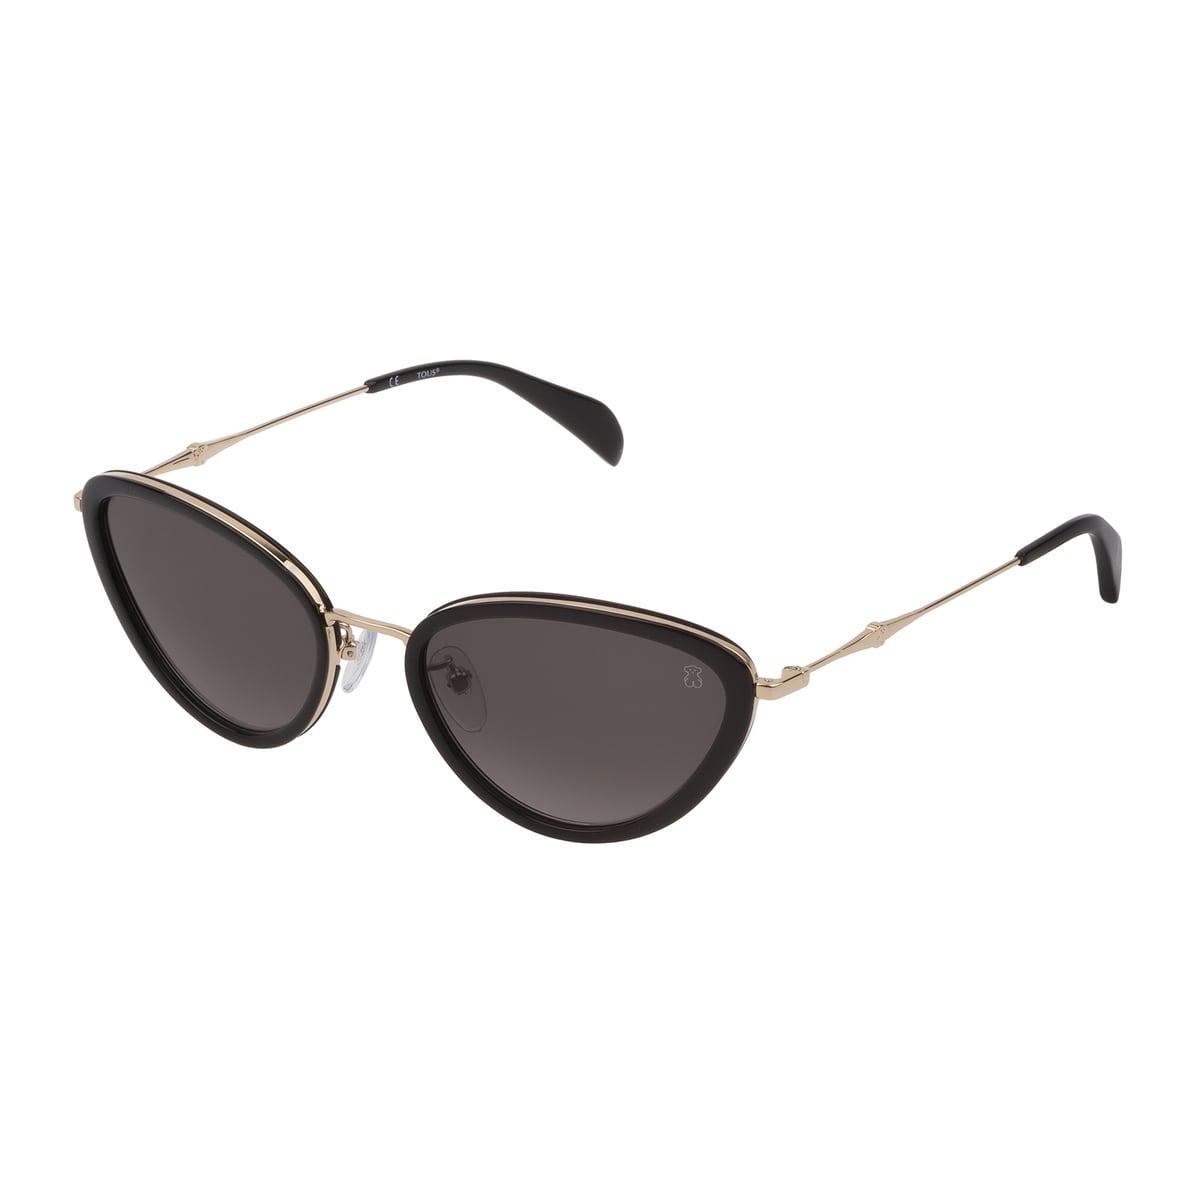 Gafas de sol Metal Bear de metal y acetato en color negro